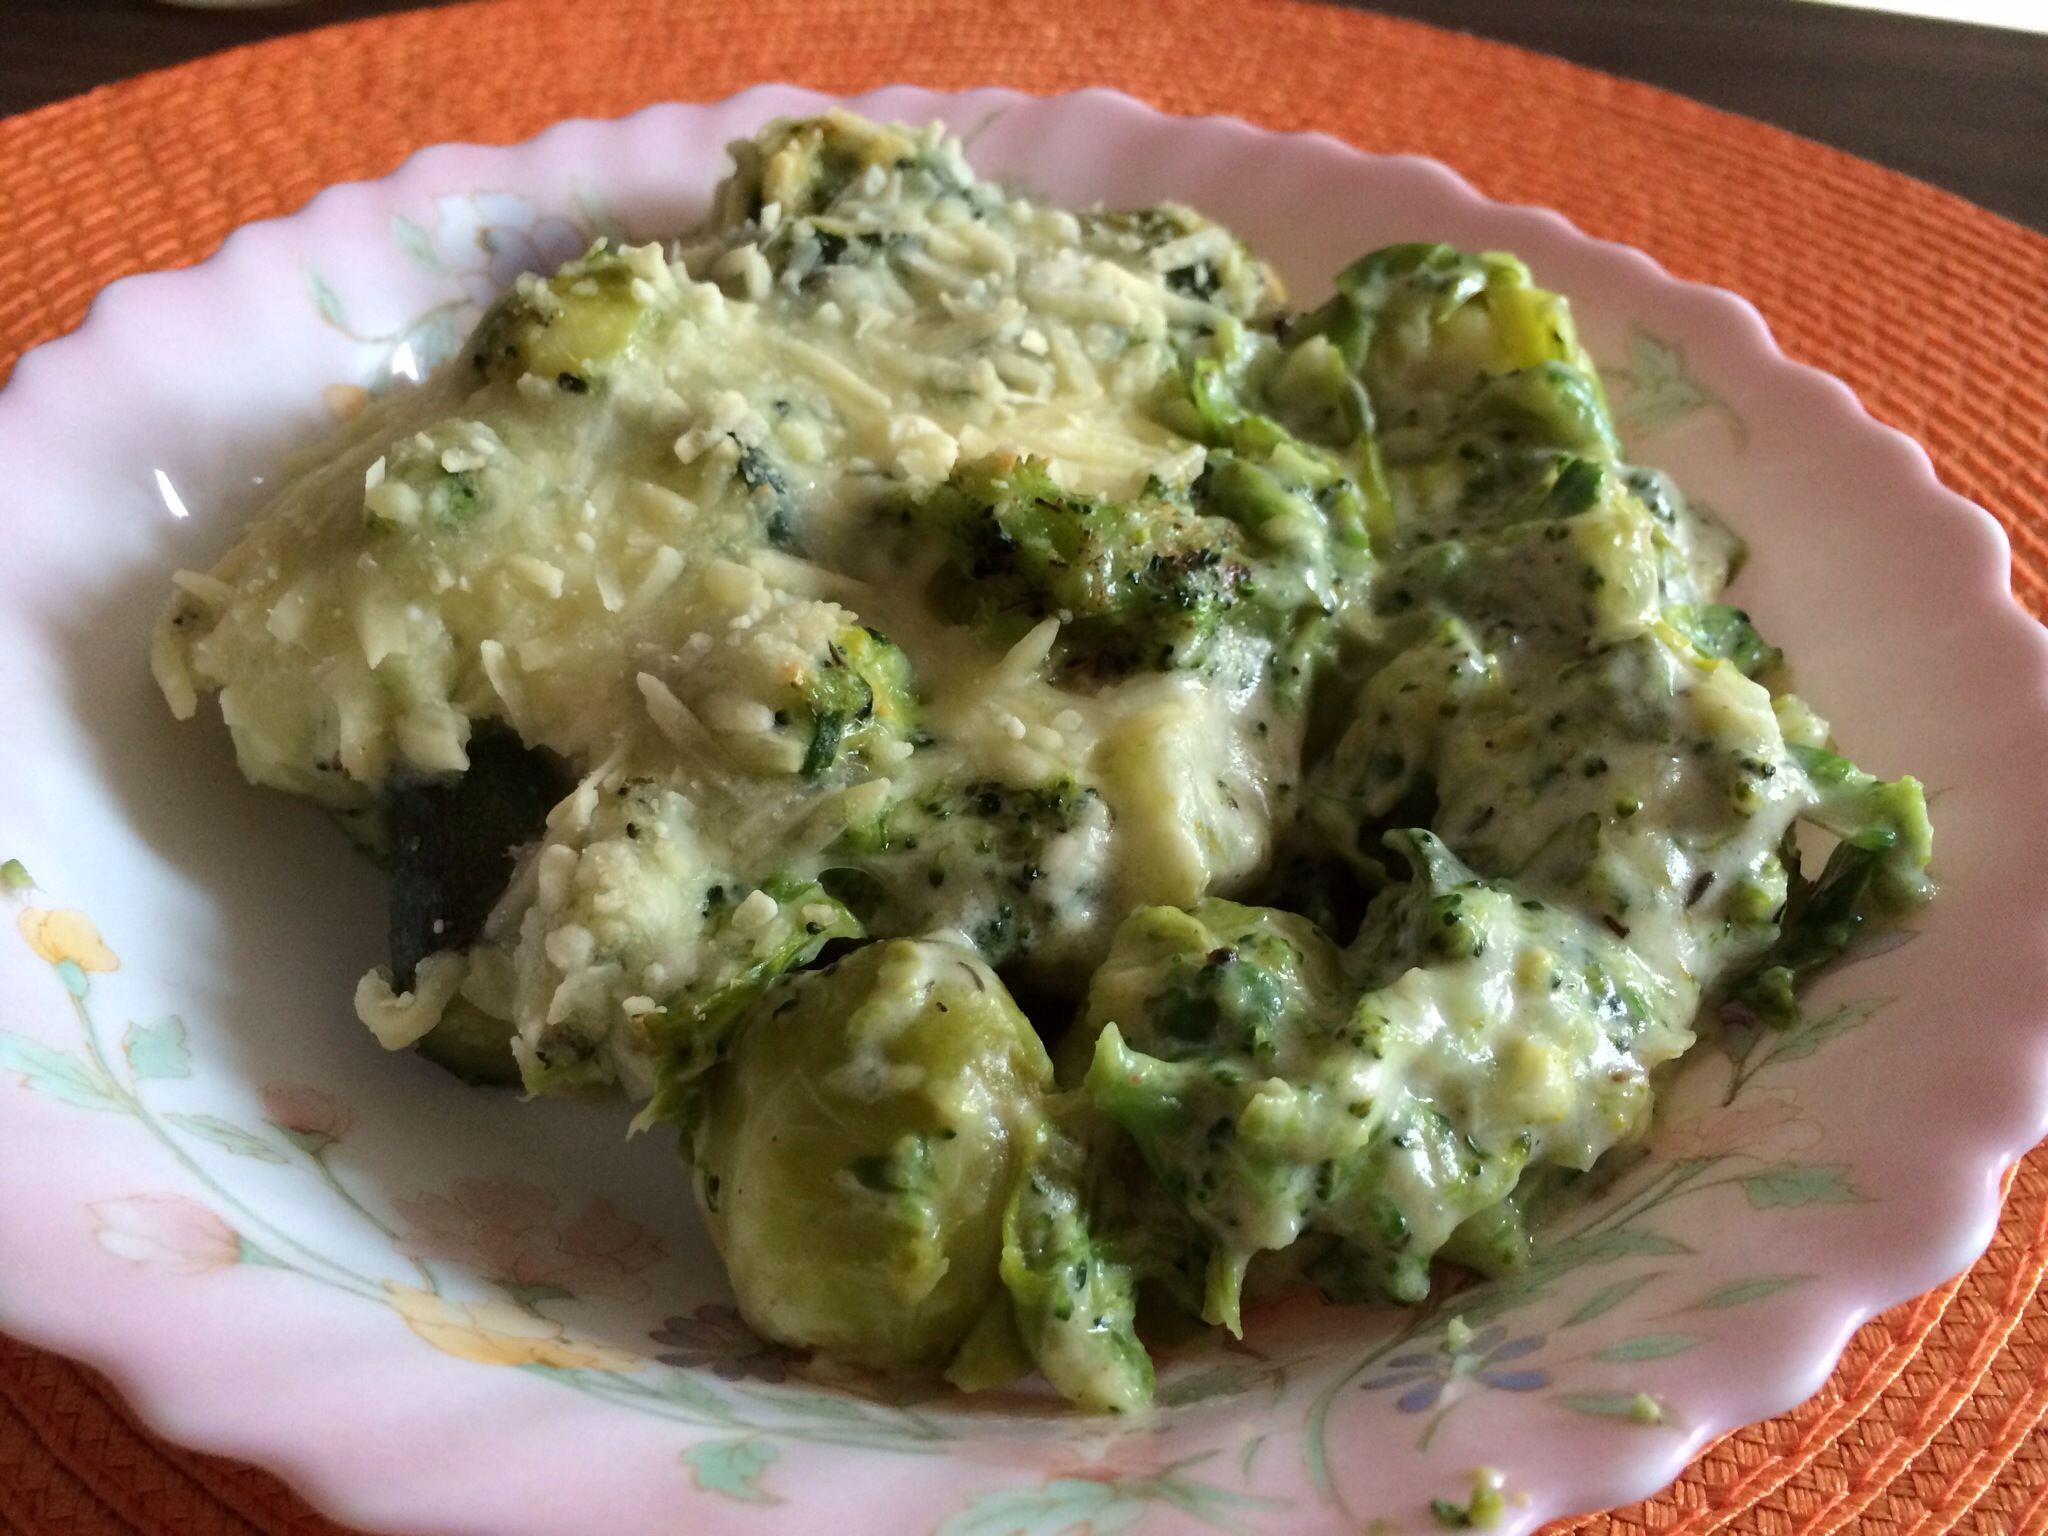 Green veg bake 2